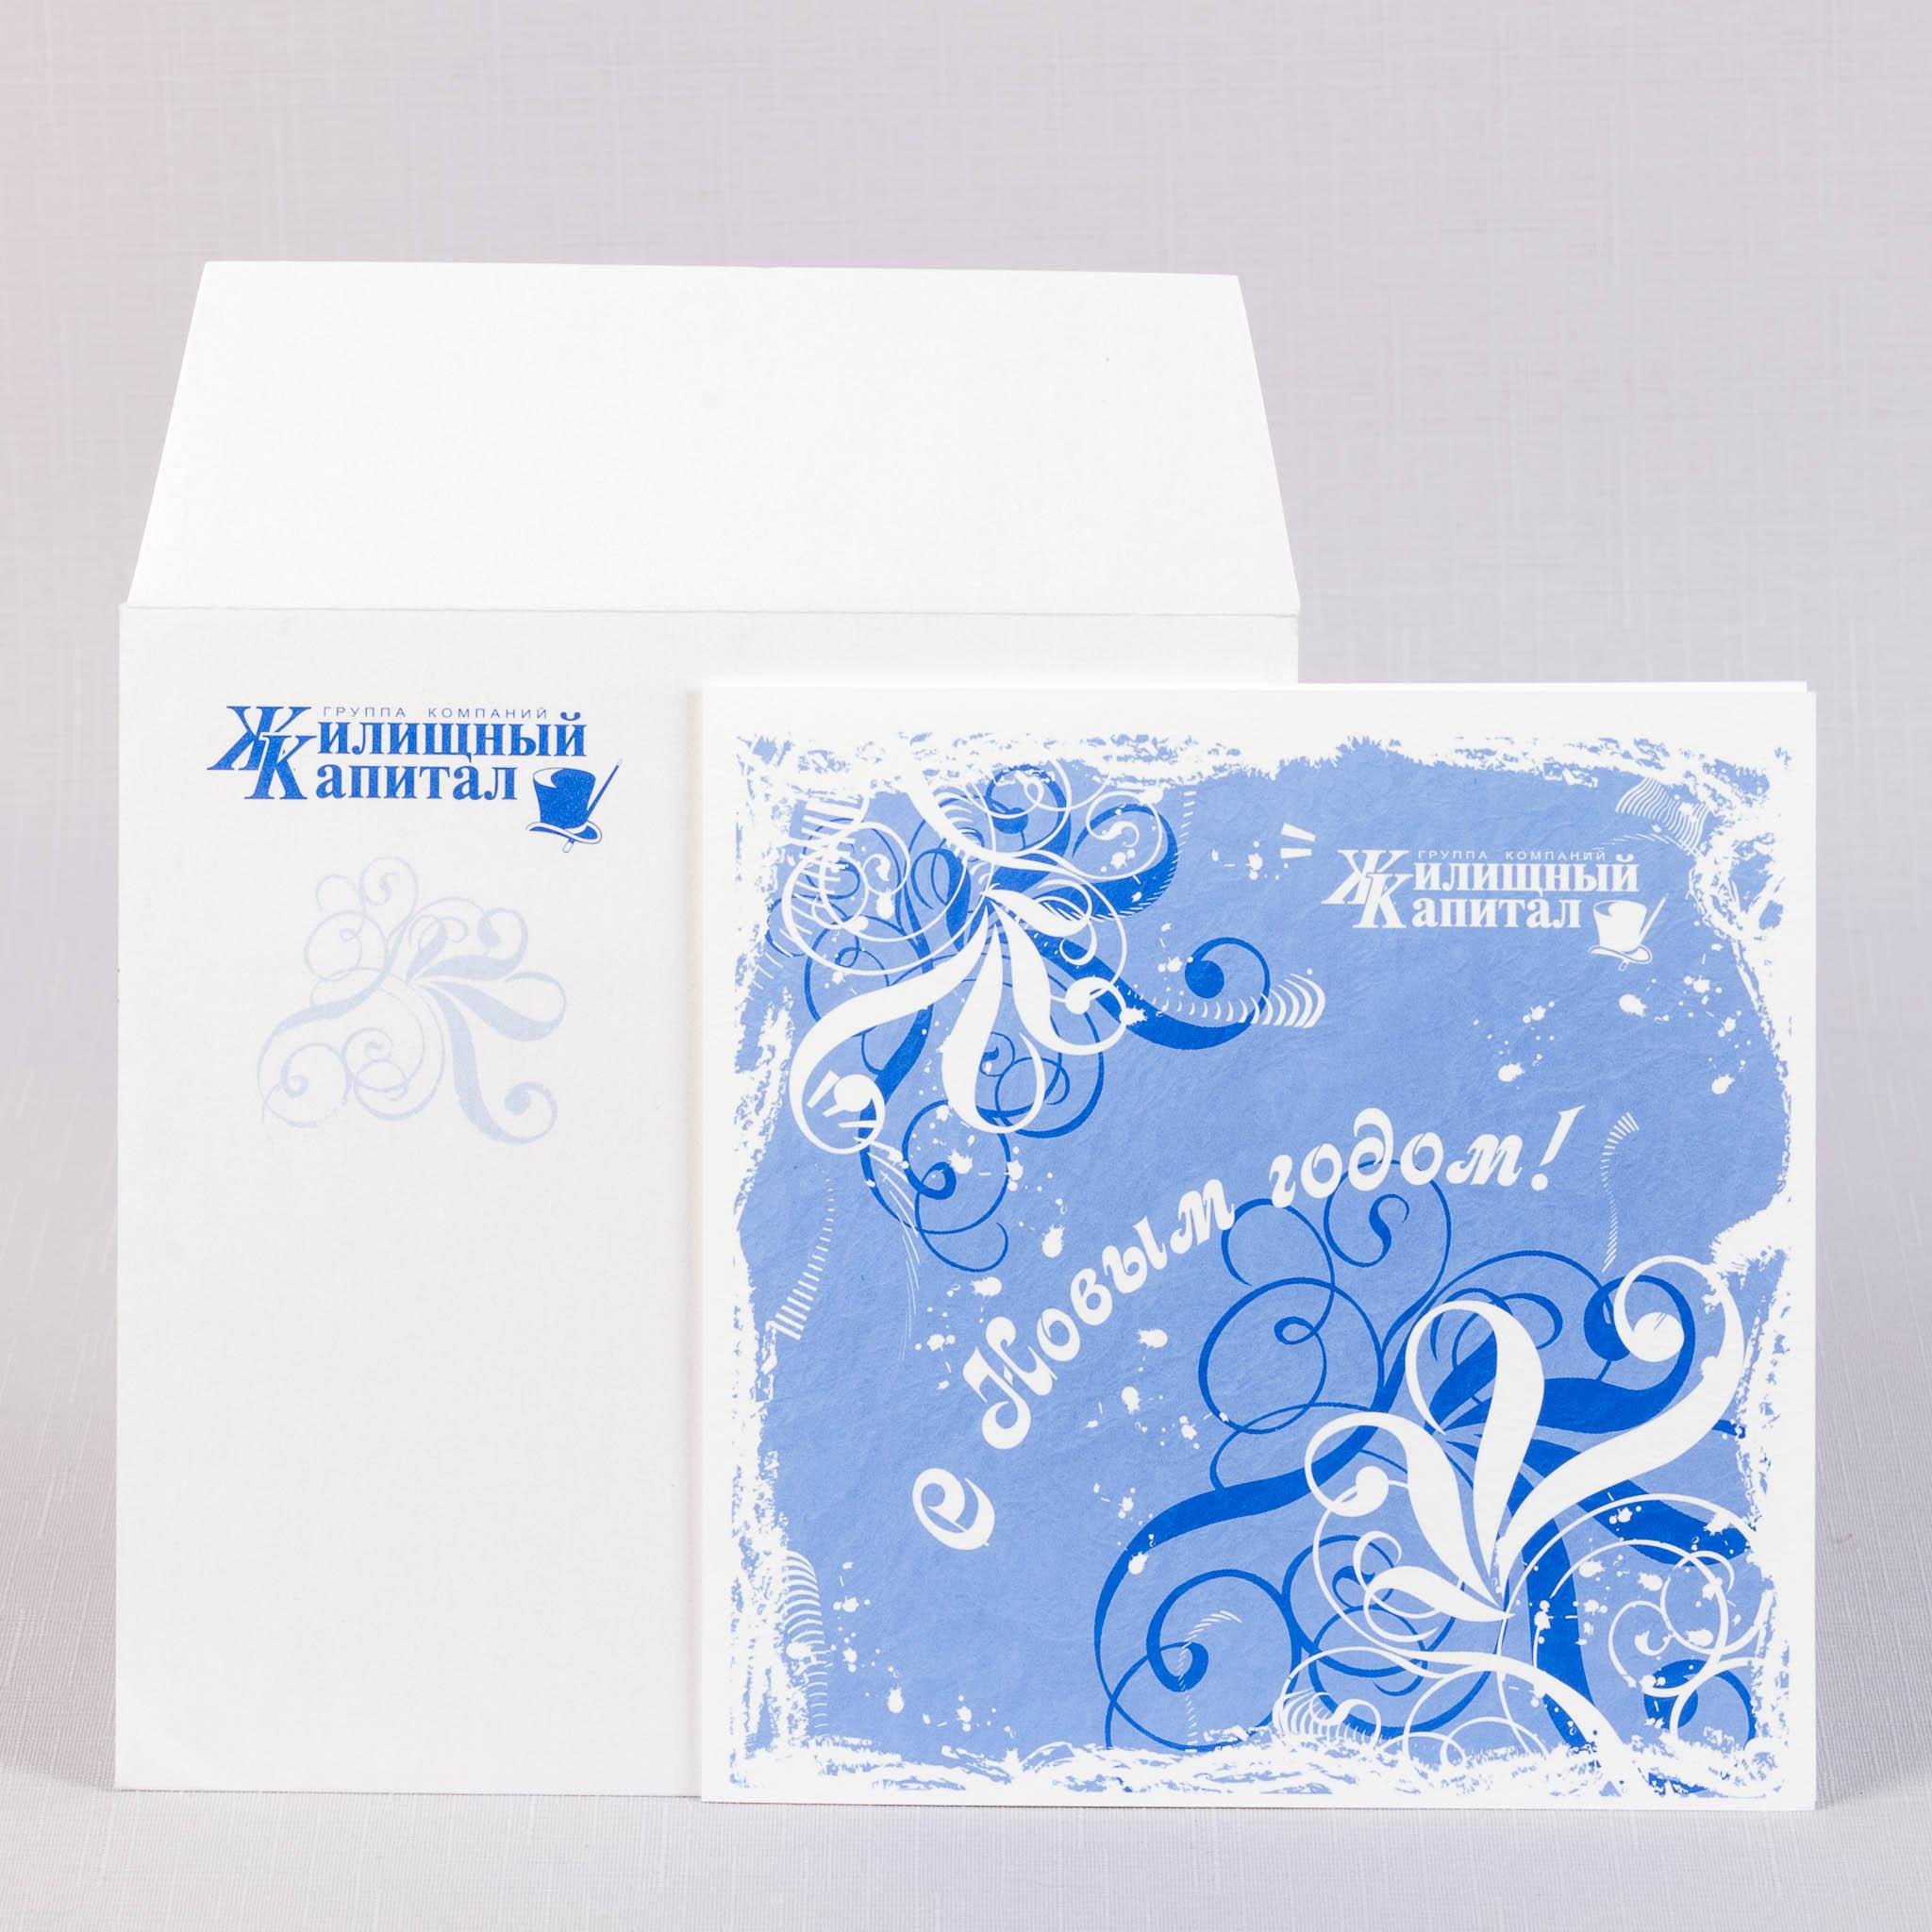 Дизайн конверта для открытки с